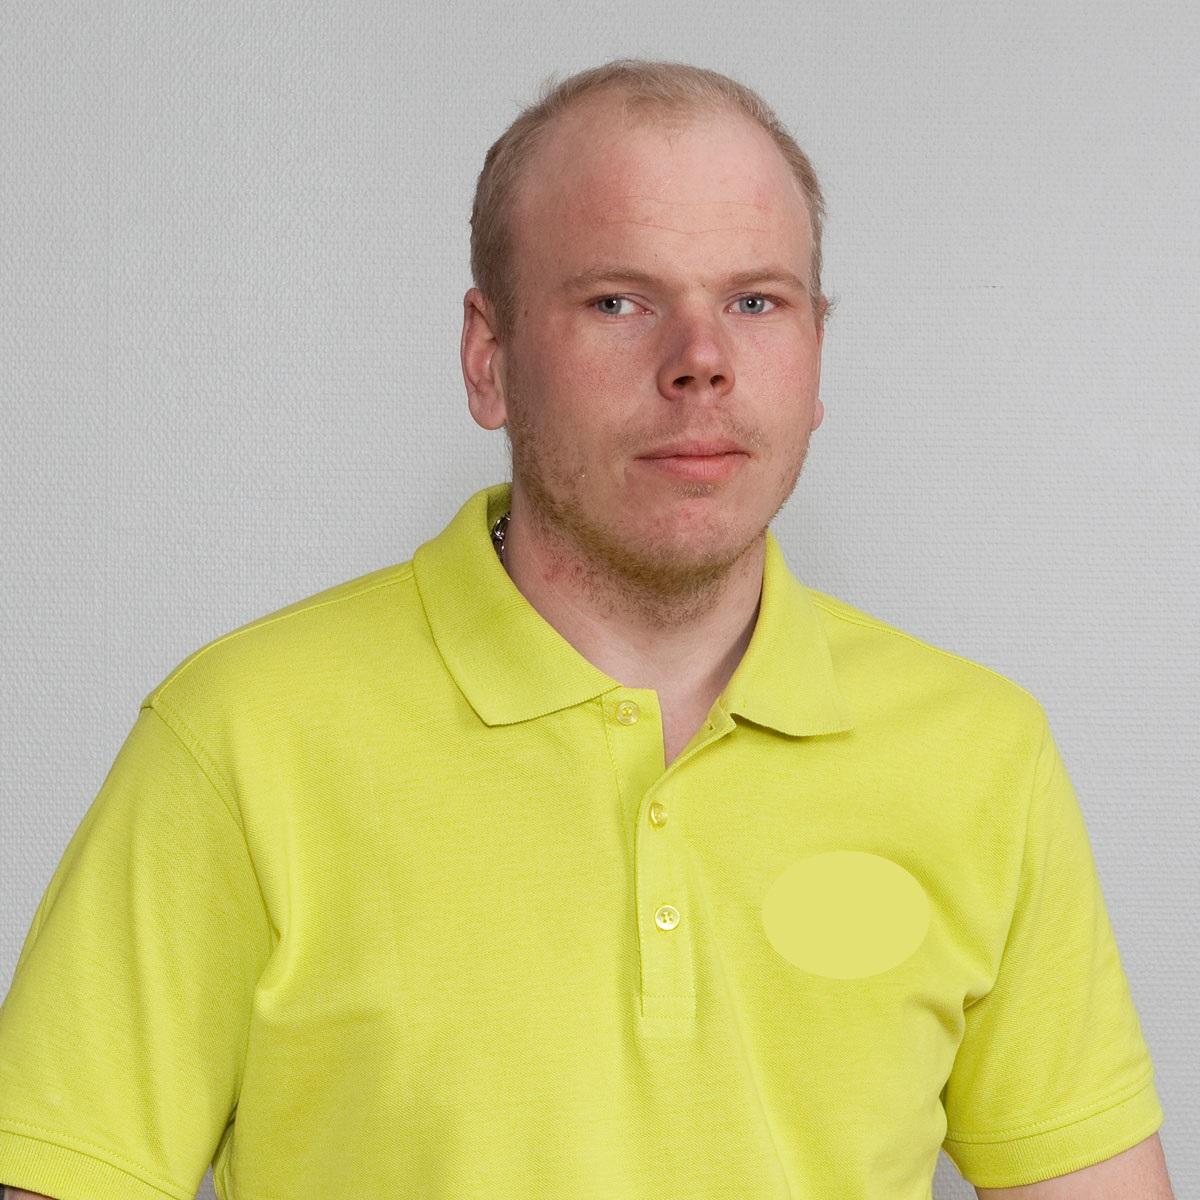 Dennis Jägesten